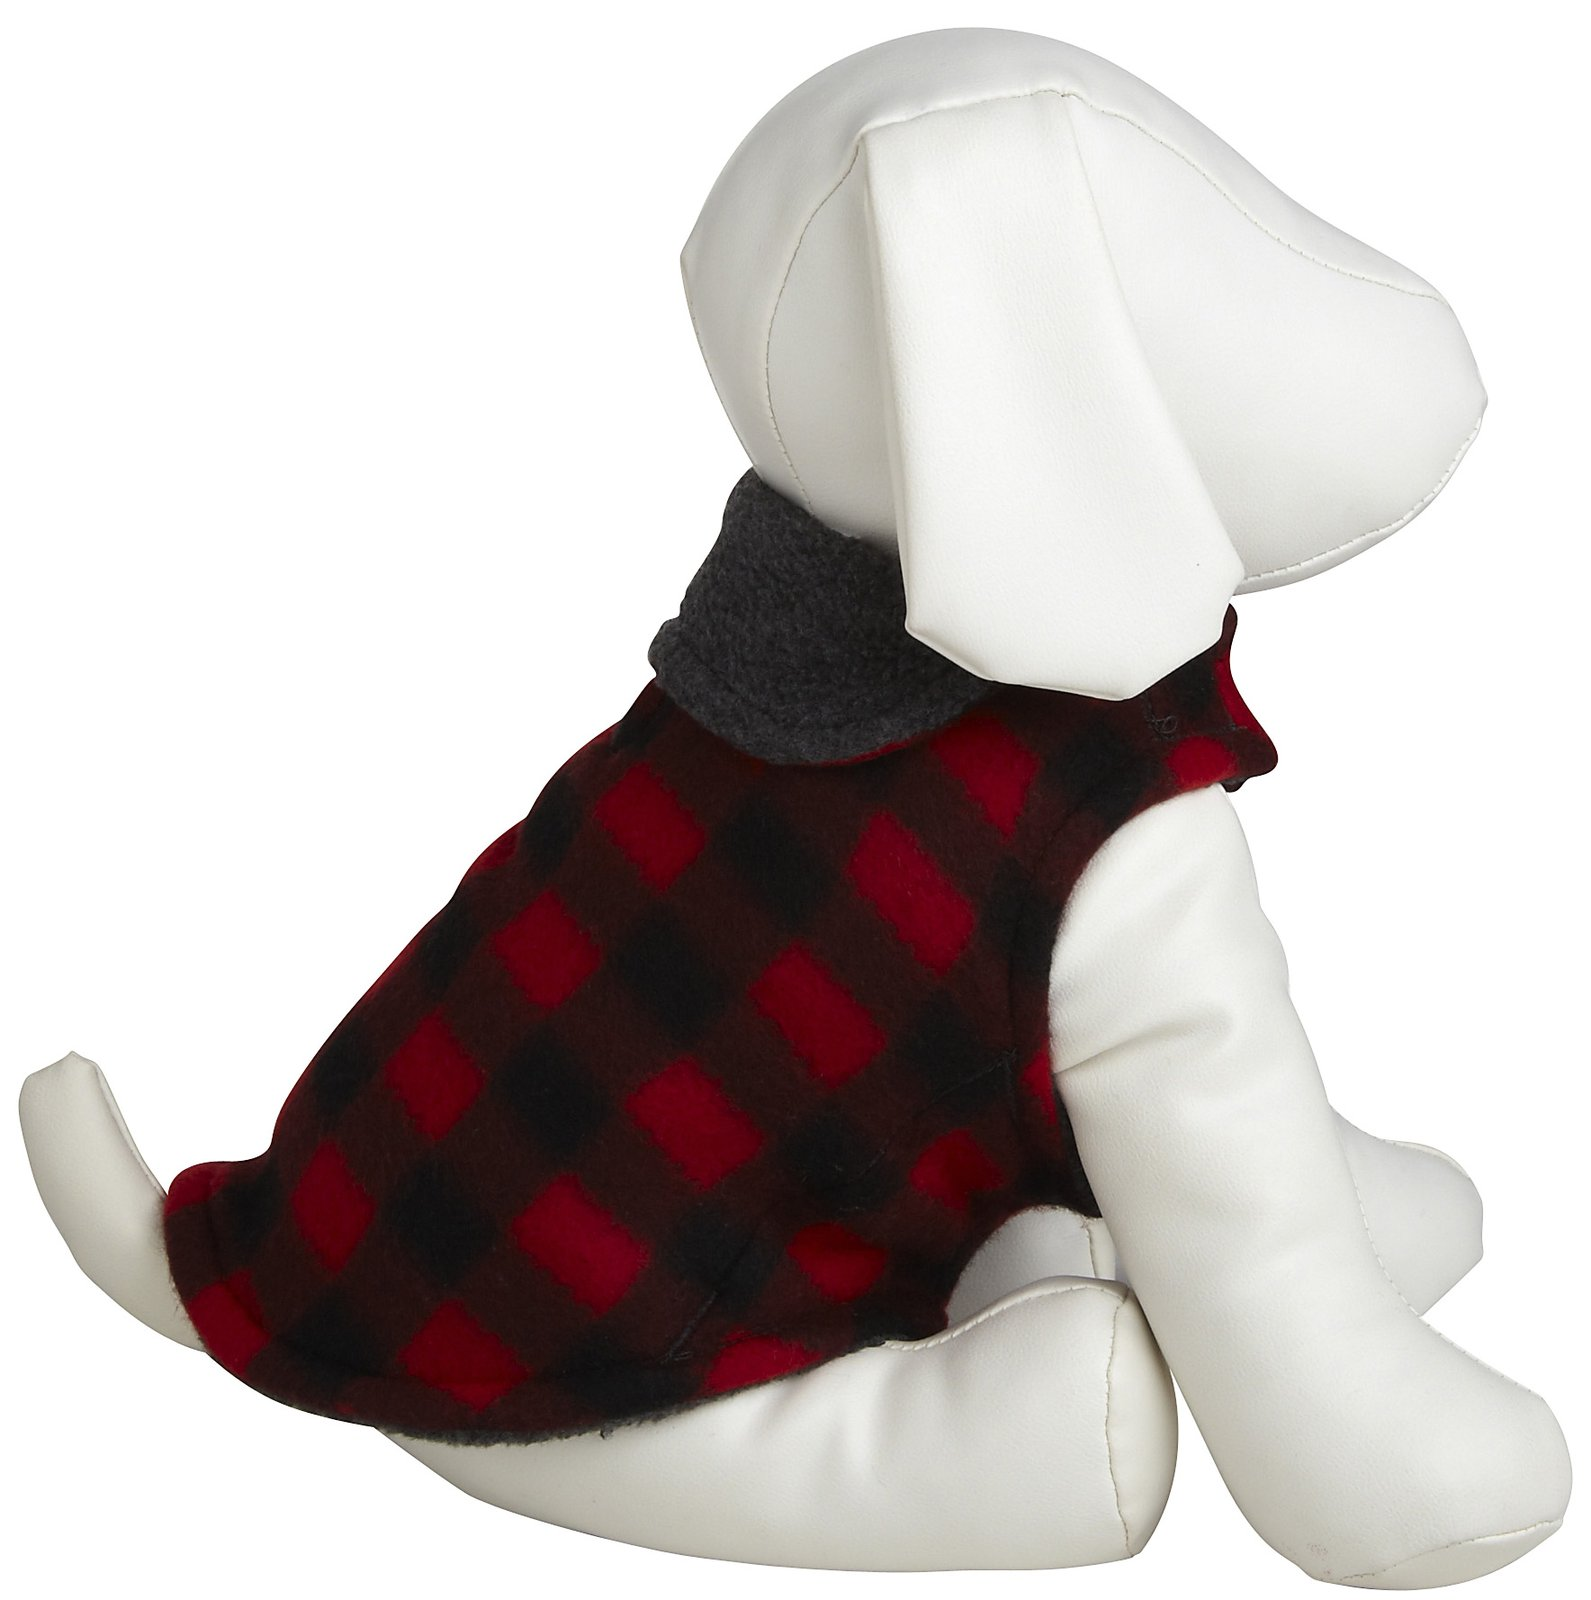 Dog Fleece Jacket photo - 1